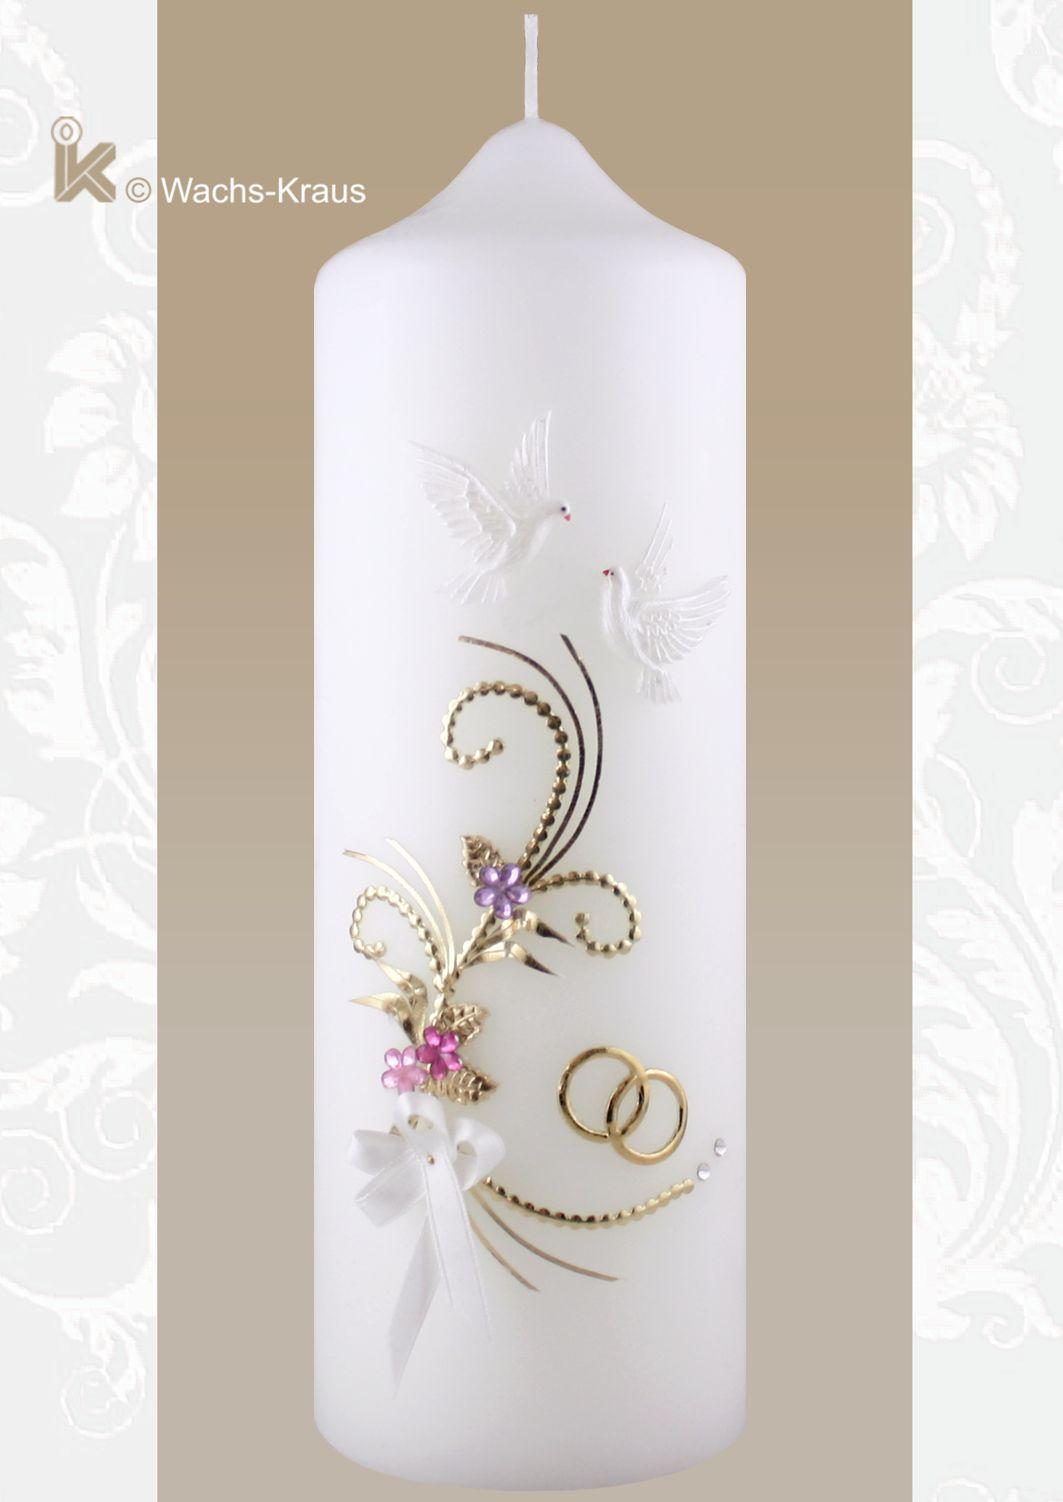 Hochzeitskerze Vintage Tauben, lila Blüten, goldene Verzierung